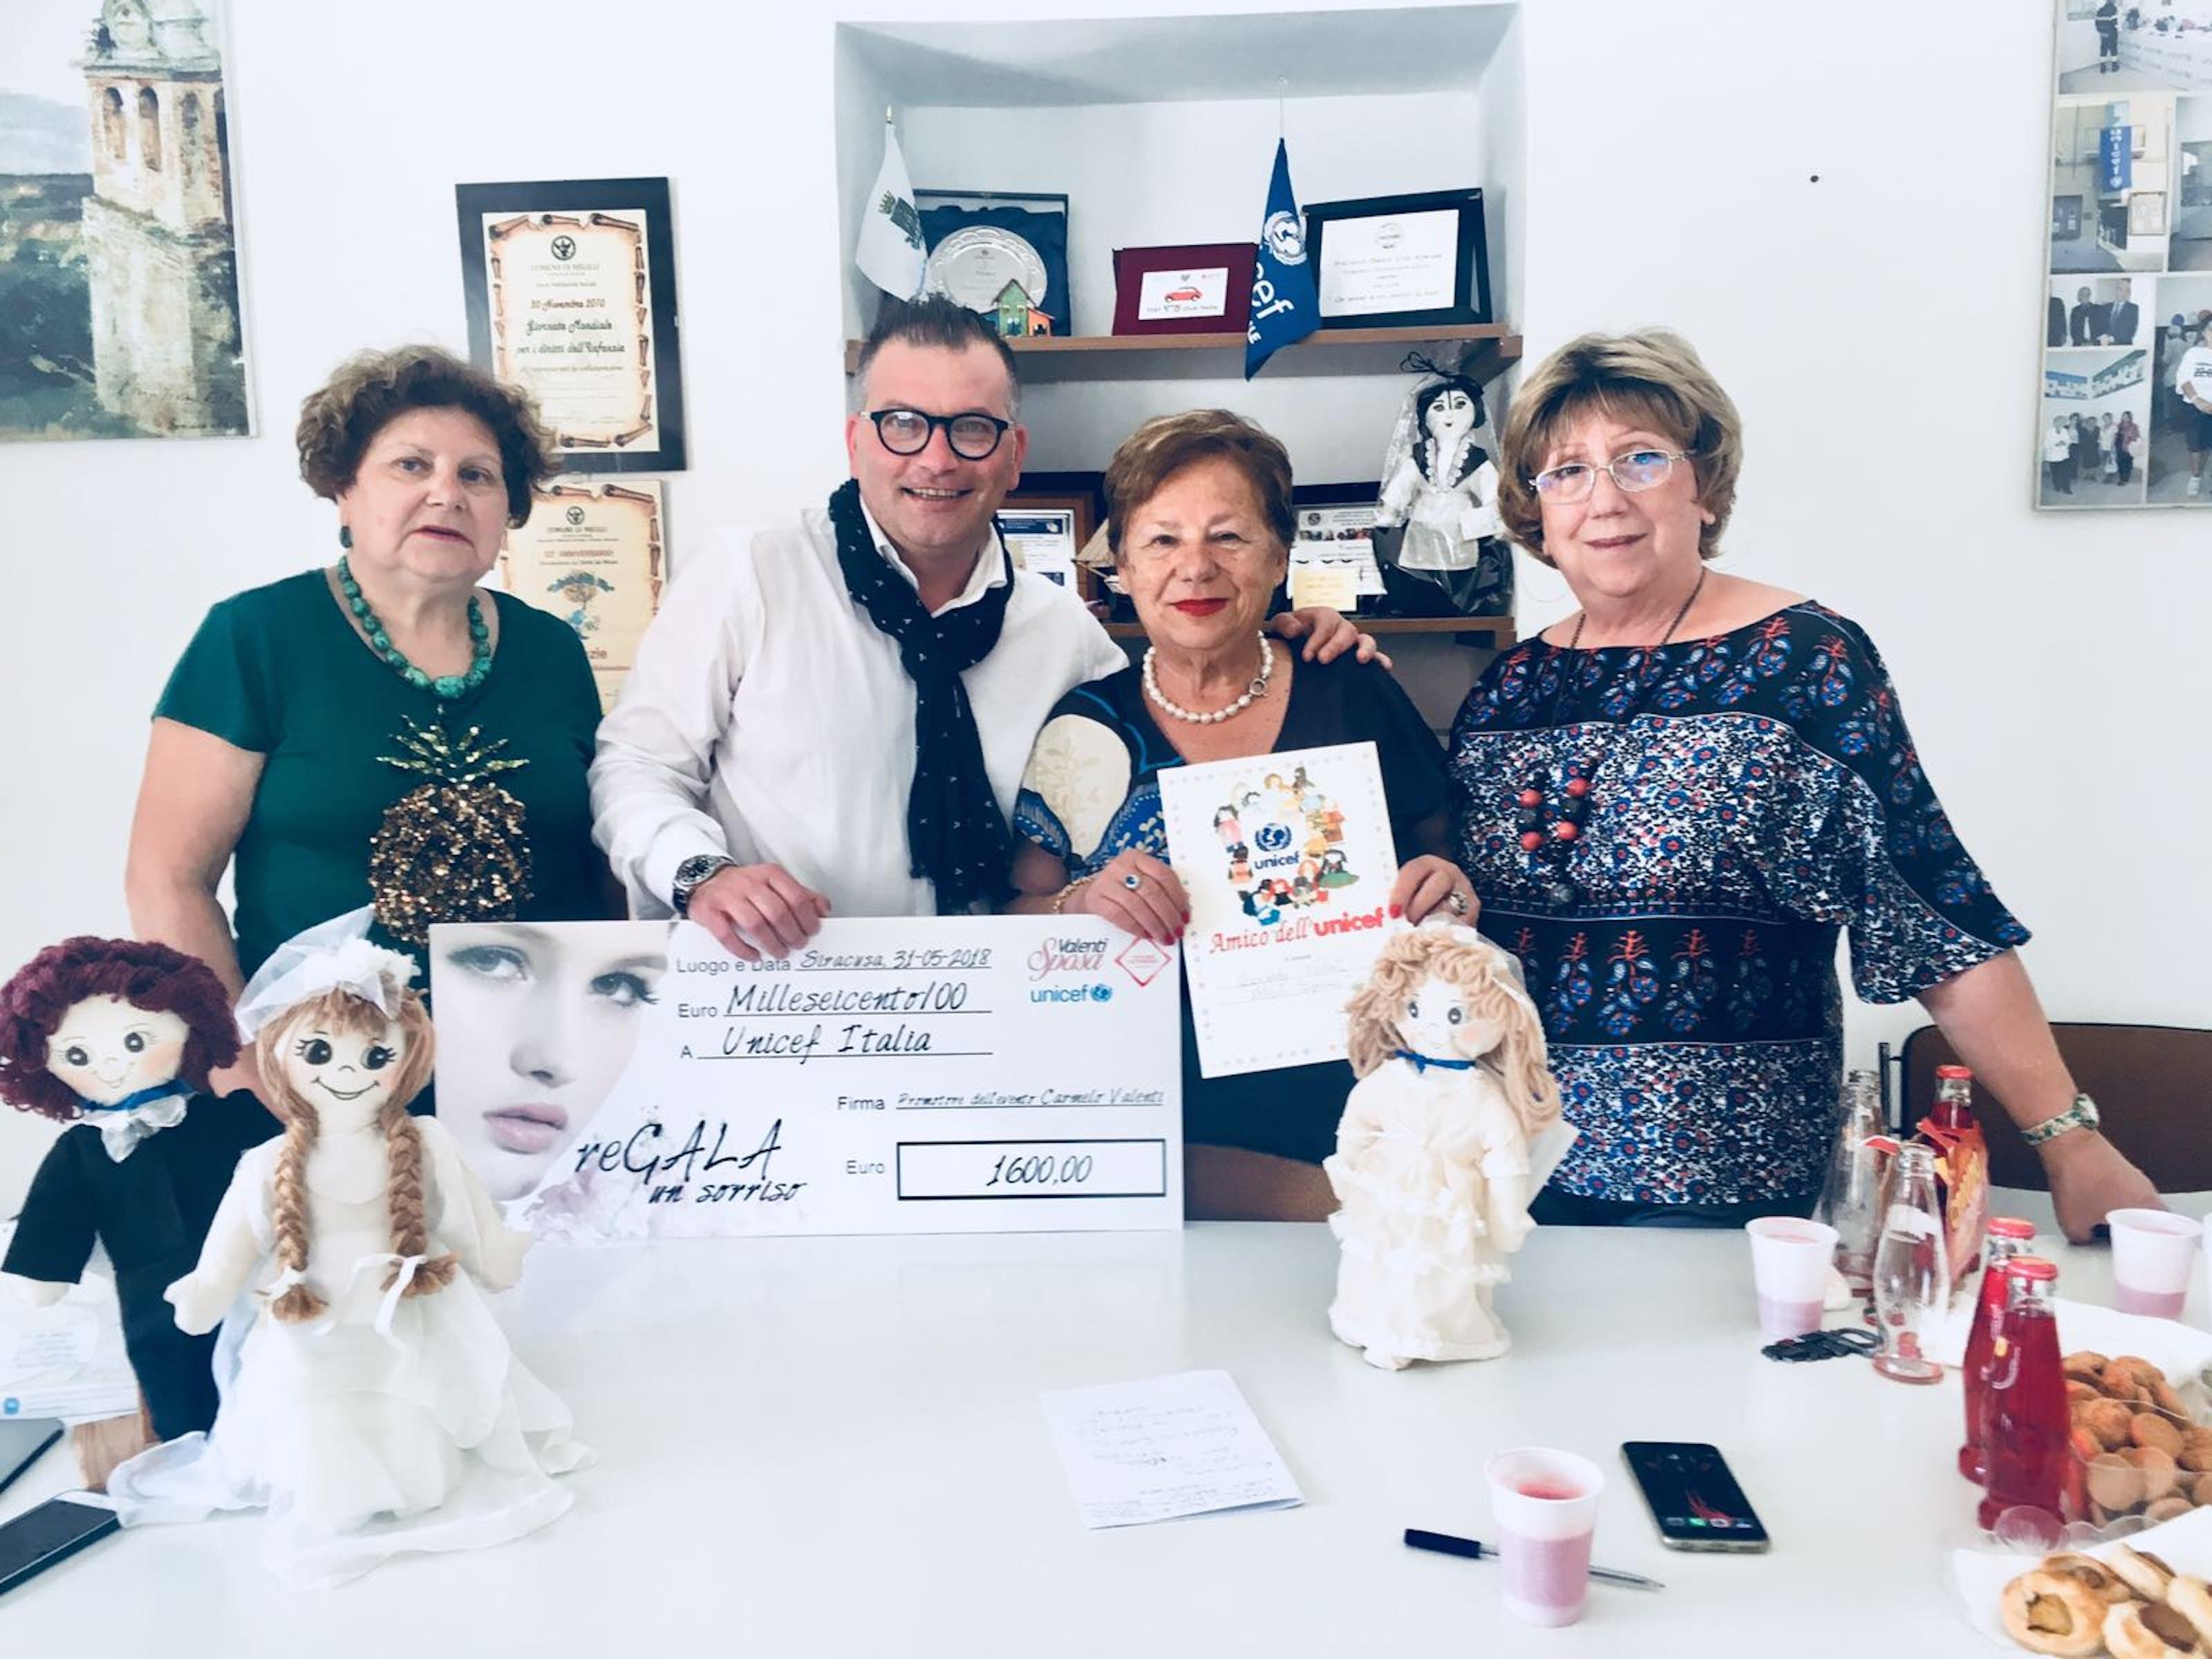 Carmela Pace e Pina Cannizzo ricevono 1.600 euro raccolti per l'UNICEF